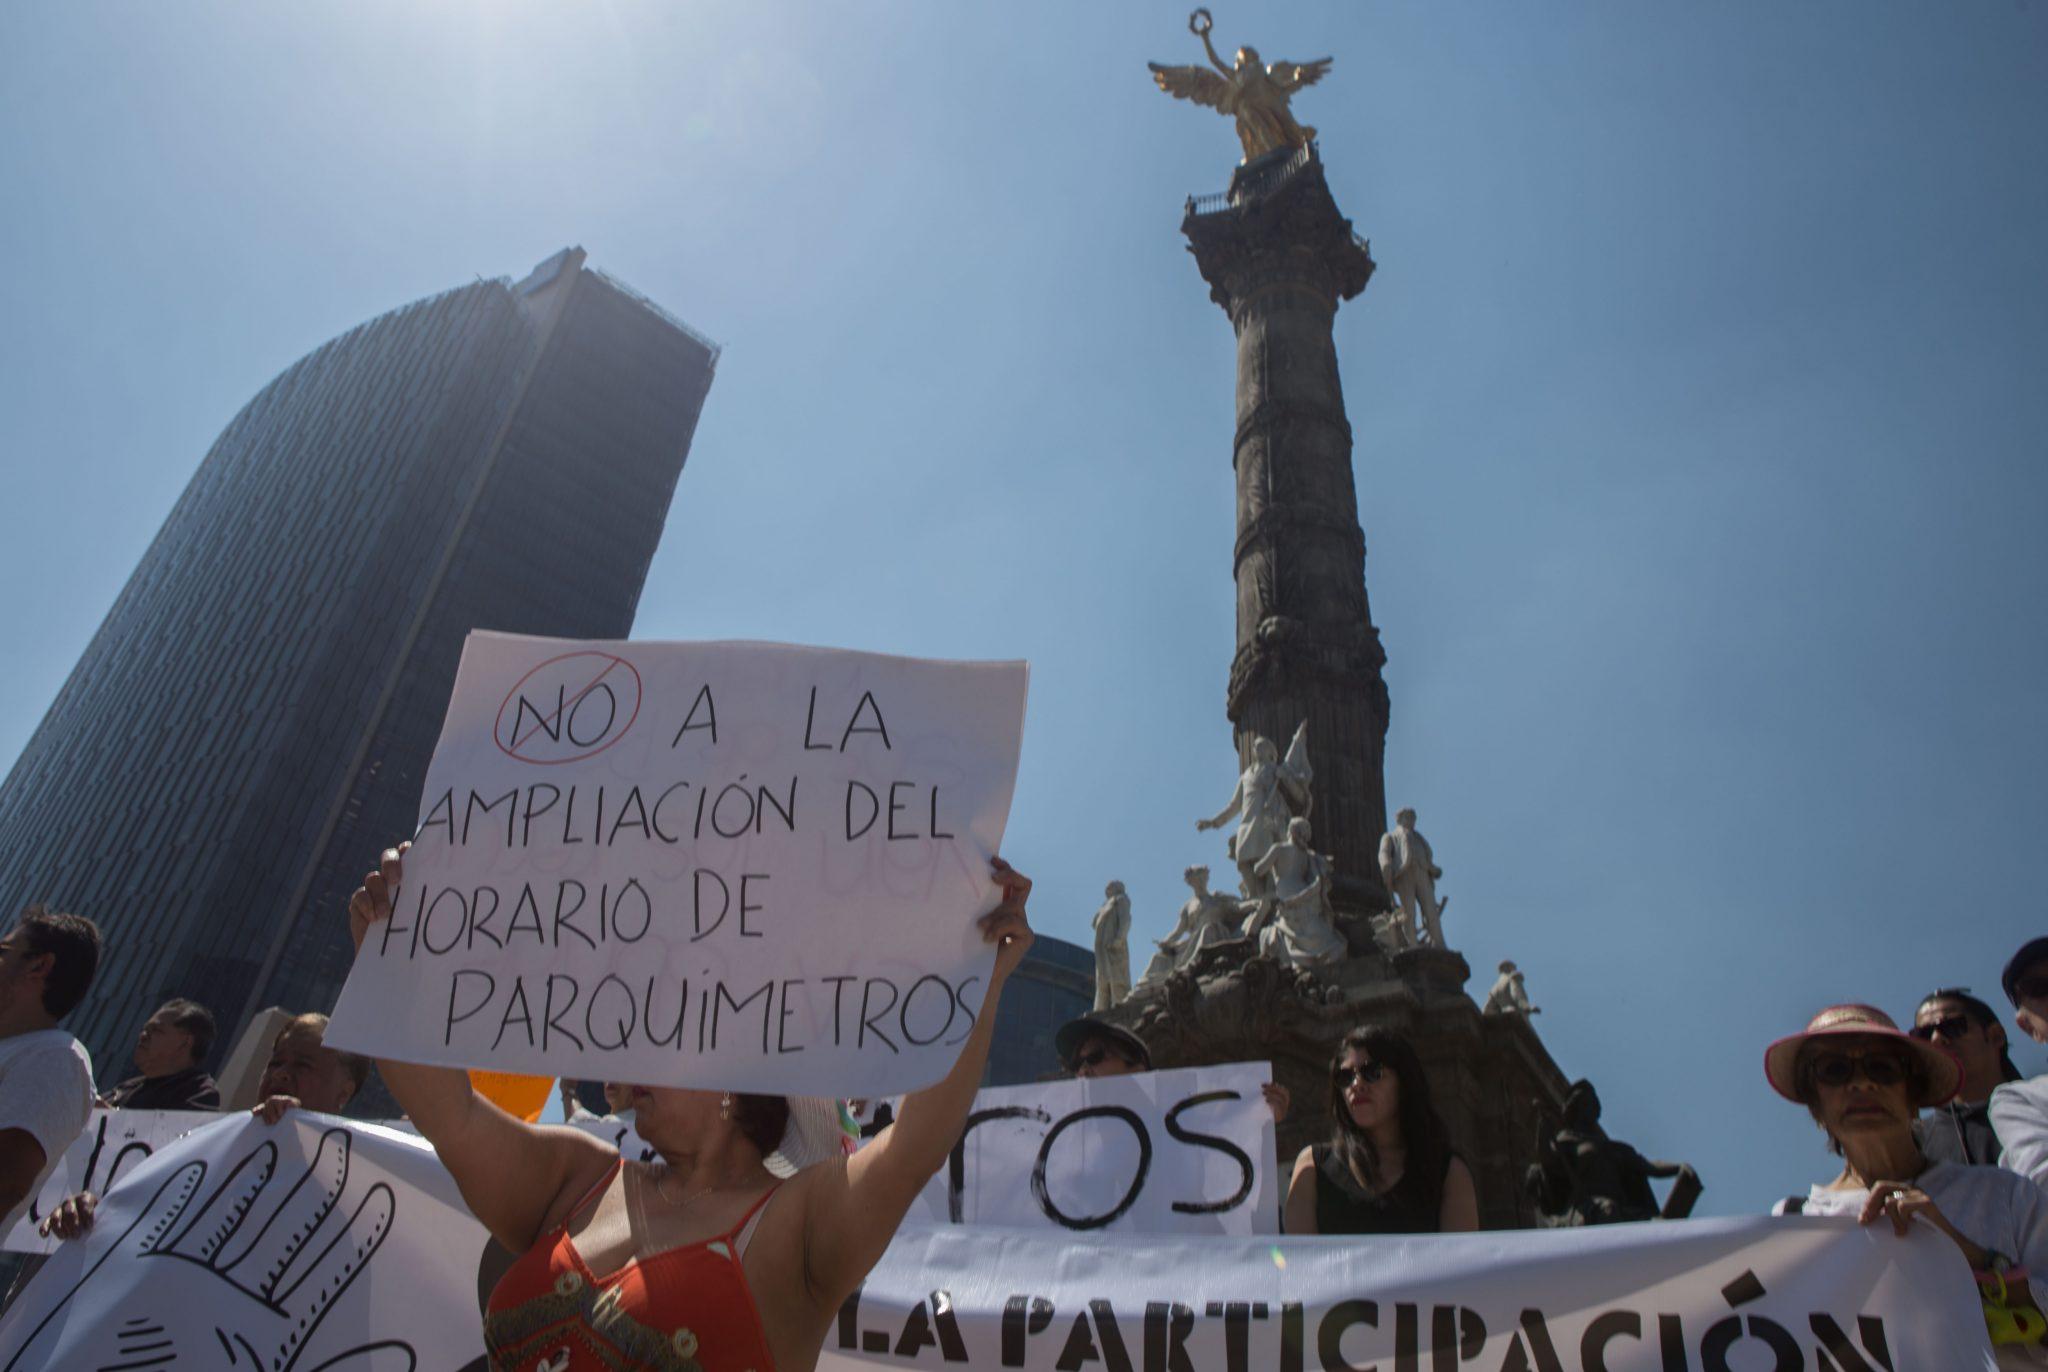 http://diariobasta com/2018/03/04/7-los-ninos-mexico